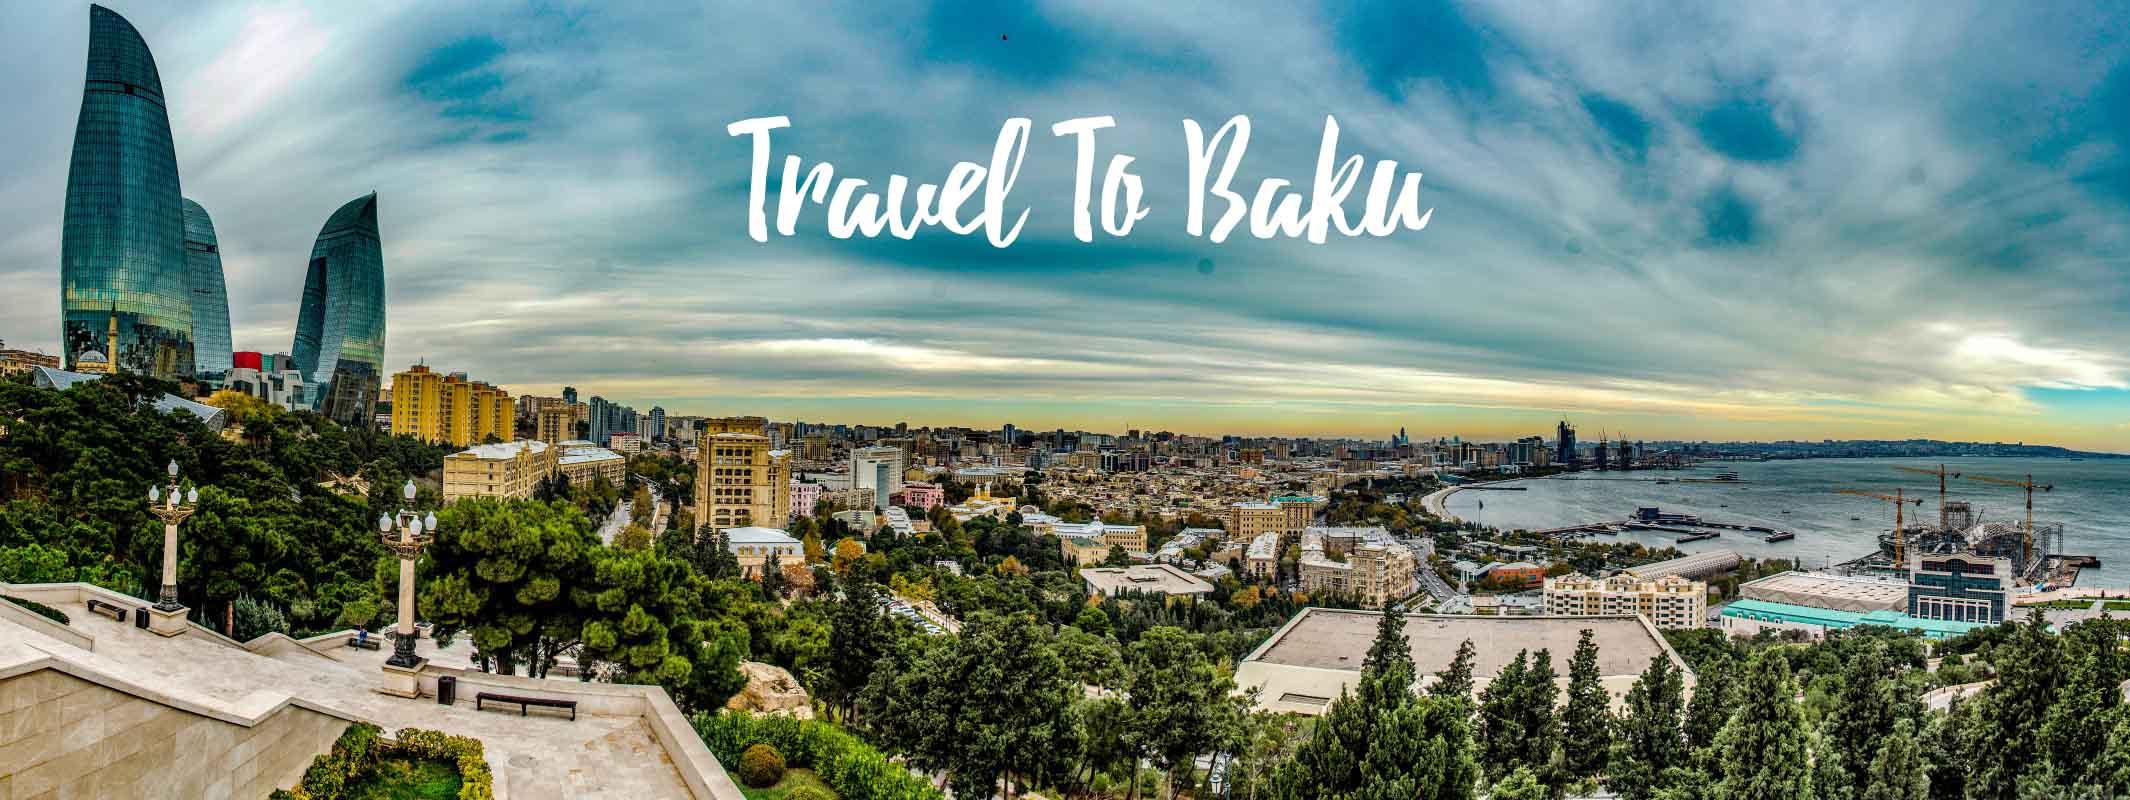 سفر به باکو آذربایجان - Travel To Baku